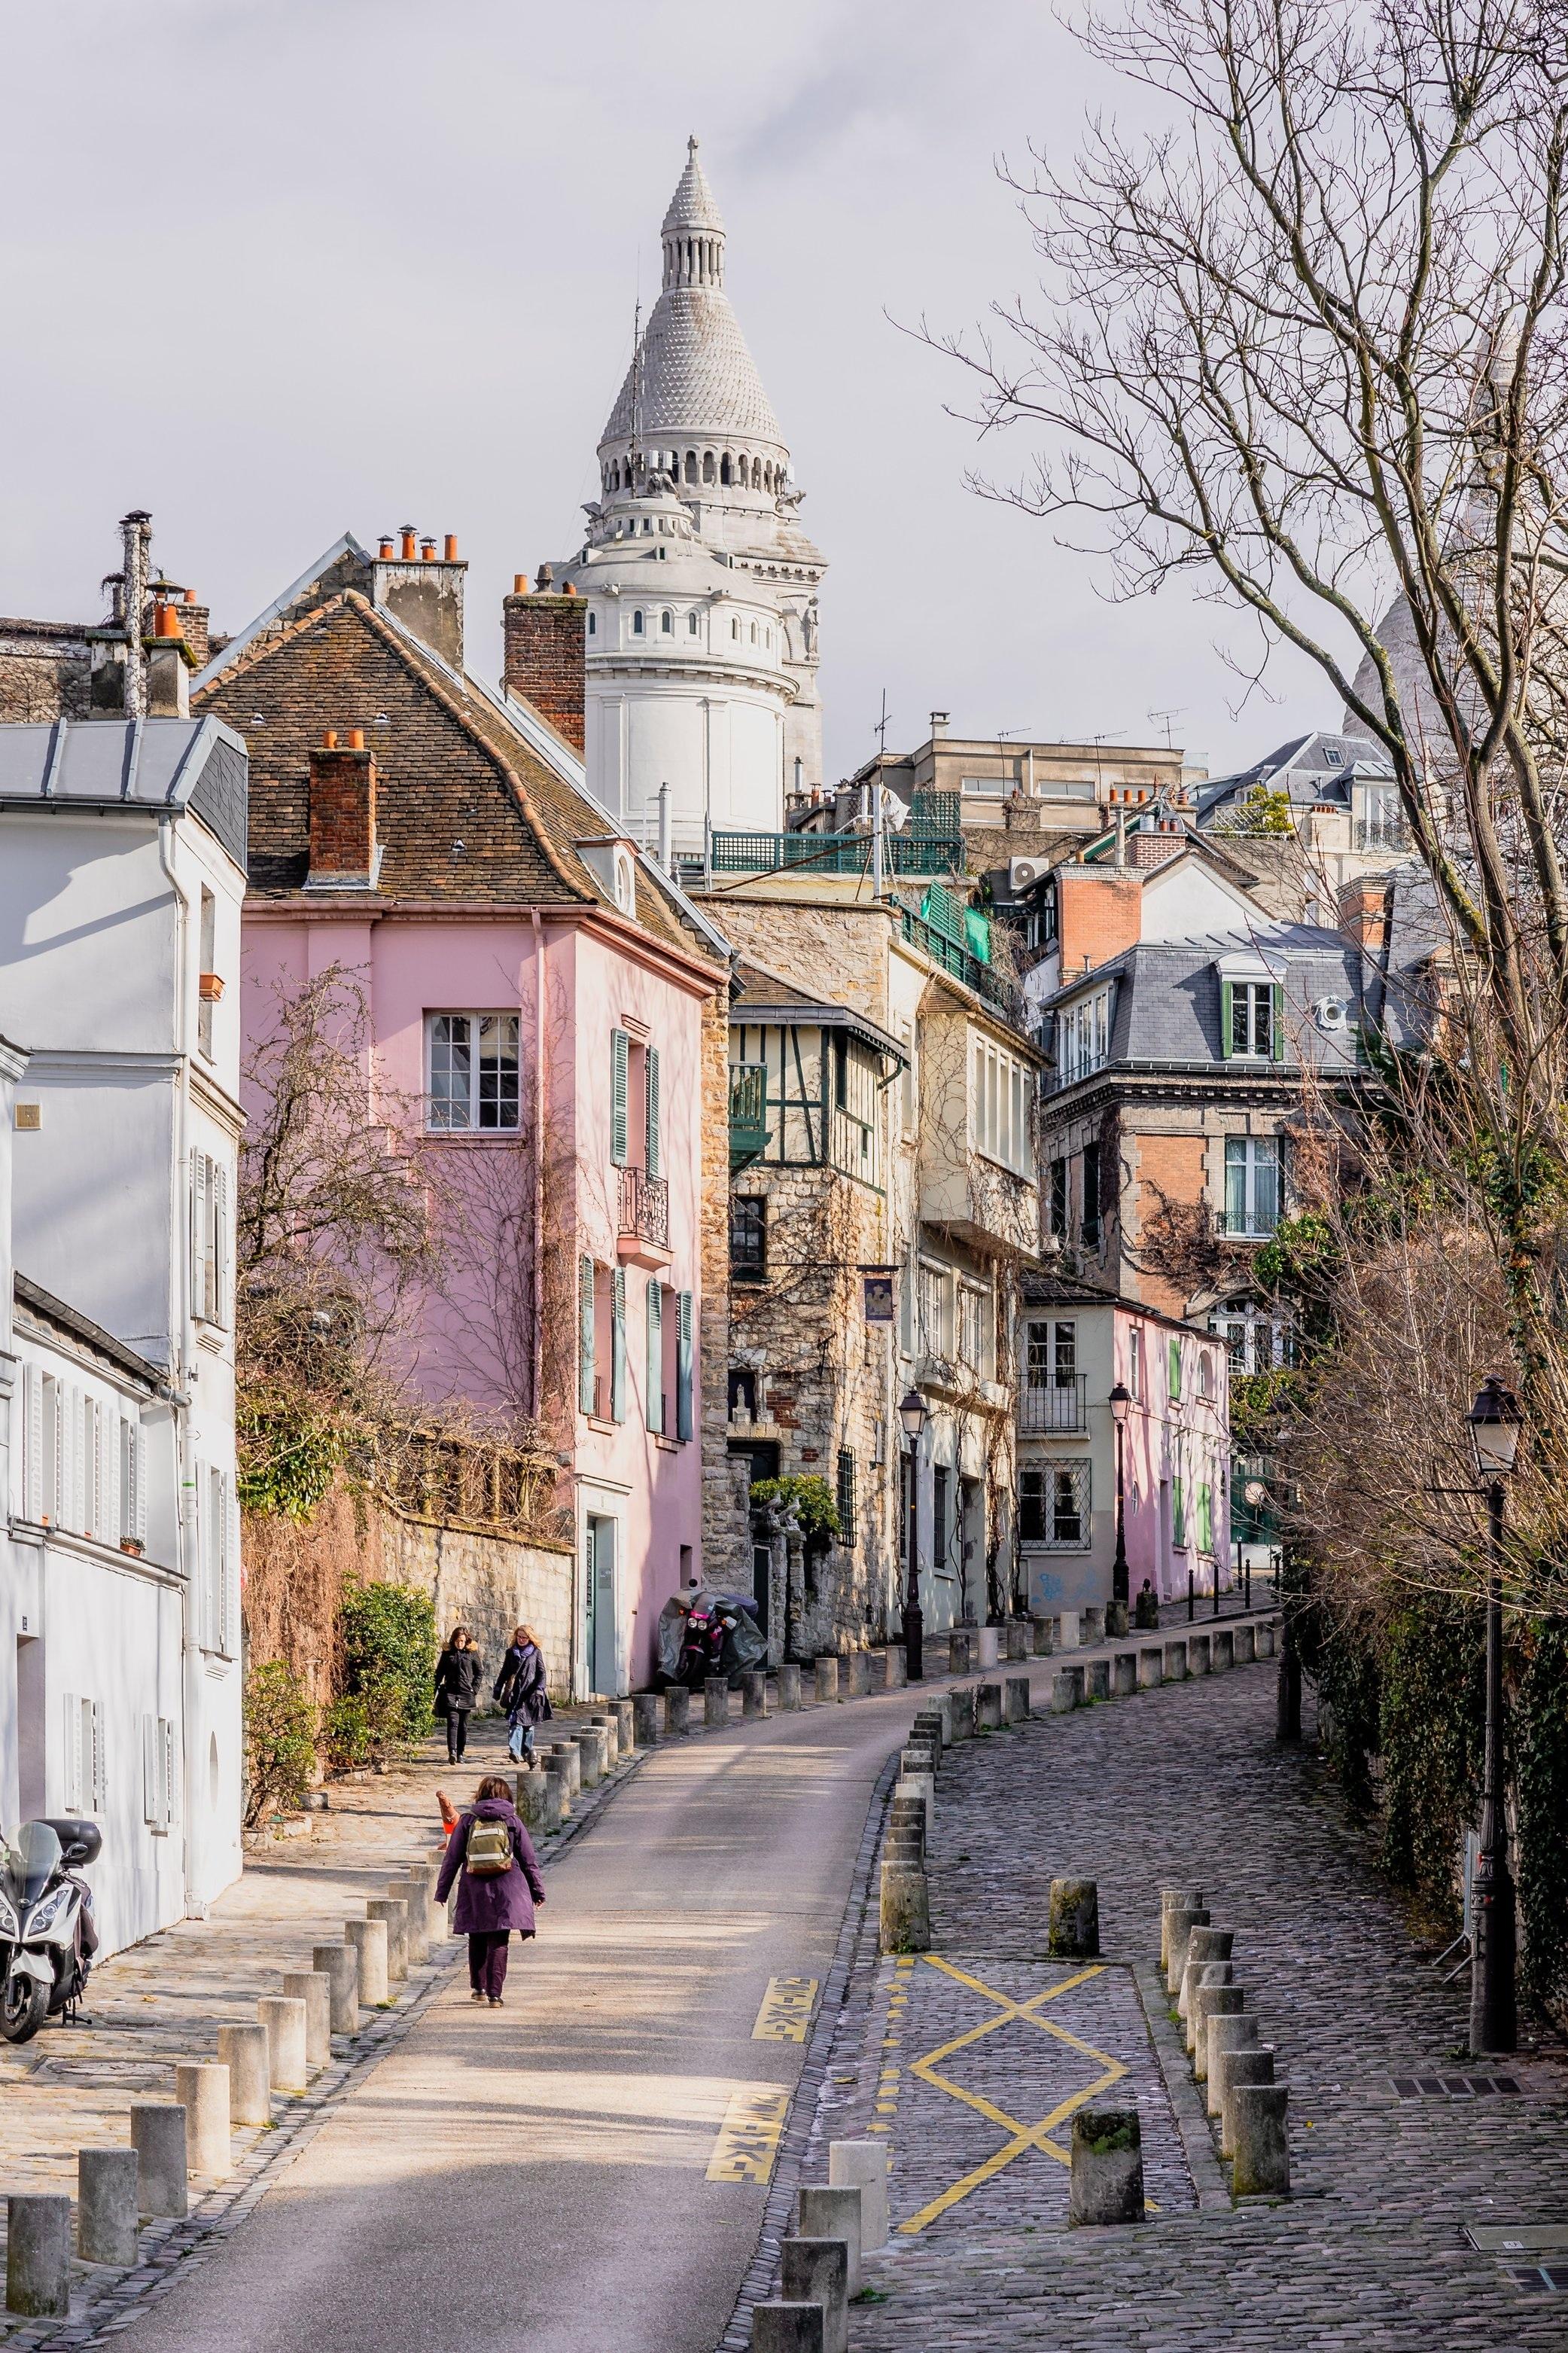 Atelier d'artiste dans tout Paris - pour Adeline artiste peintre pour qu'elle ait assez d'espace pour entreposer ses oeuvres et pouvoir s'échapper dans un rez-de-jardin dès qu'elle le peut